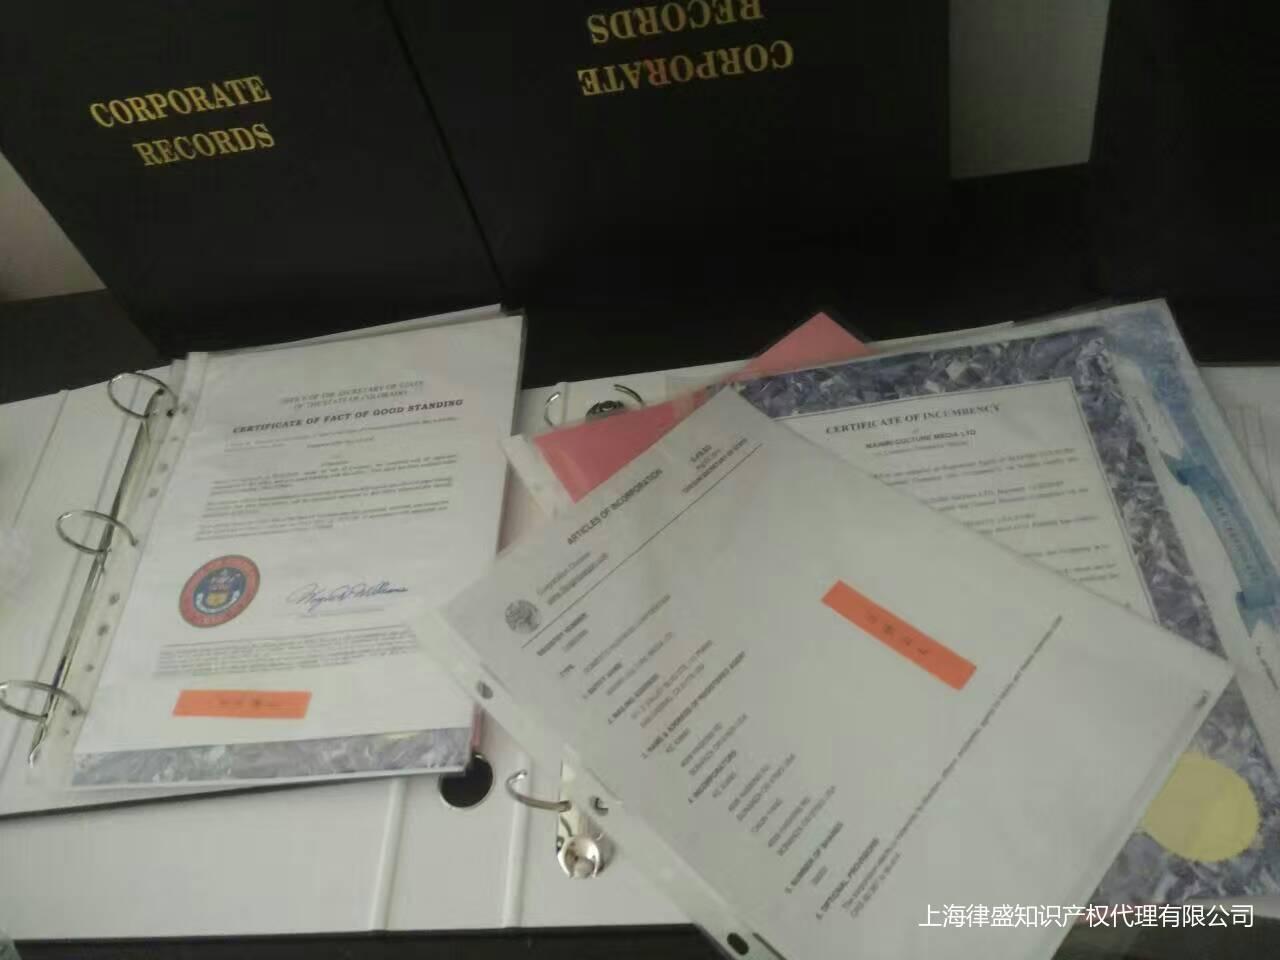 美国公司注册文件.jpg